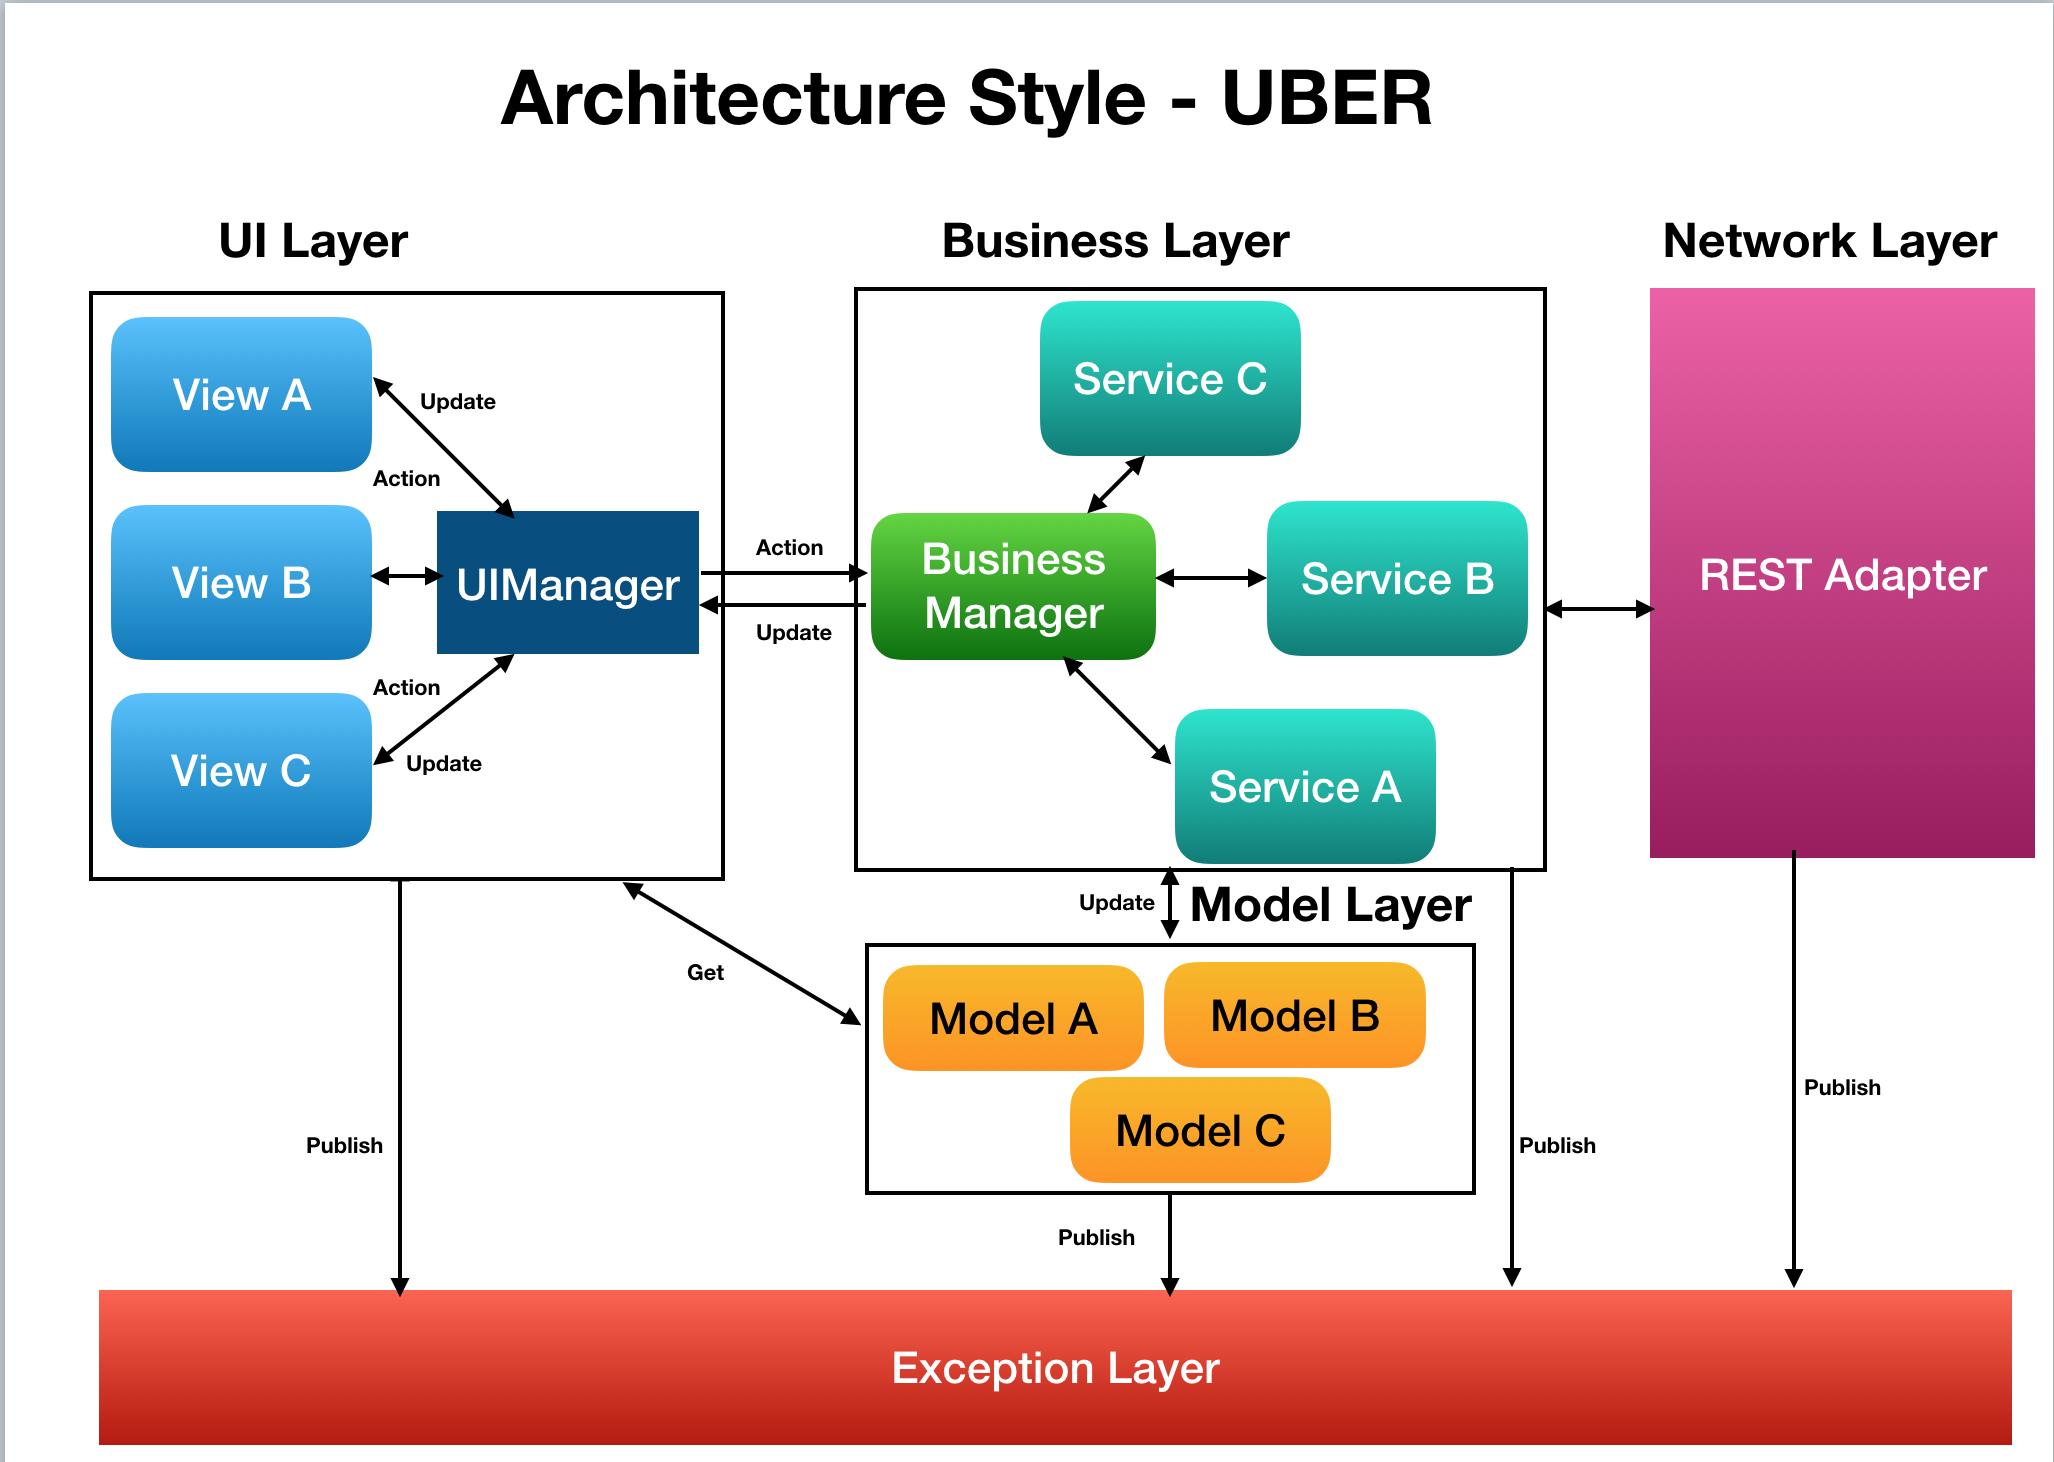 GitHub - itguruhaseeb/Architecture-Style---UBER